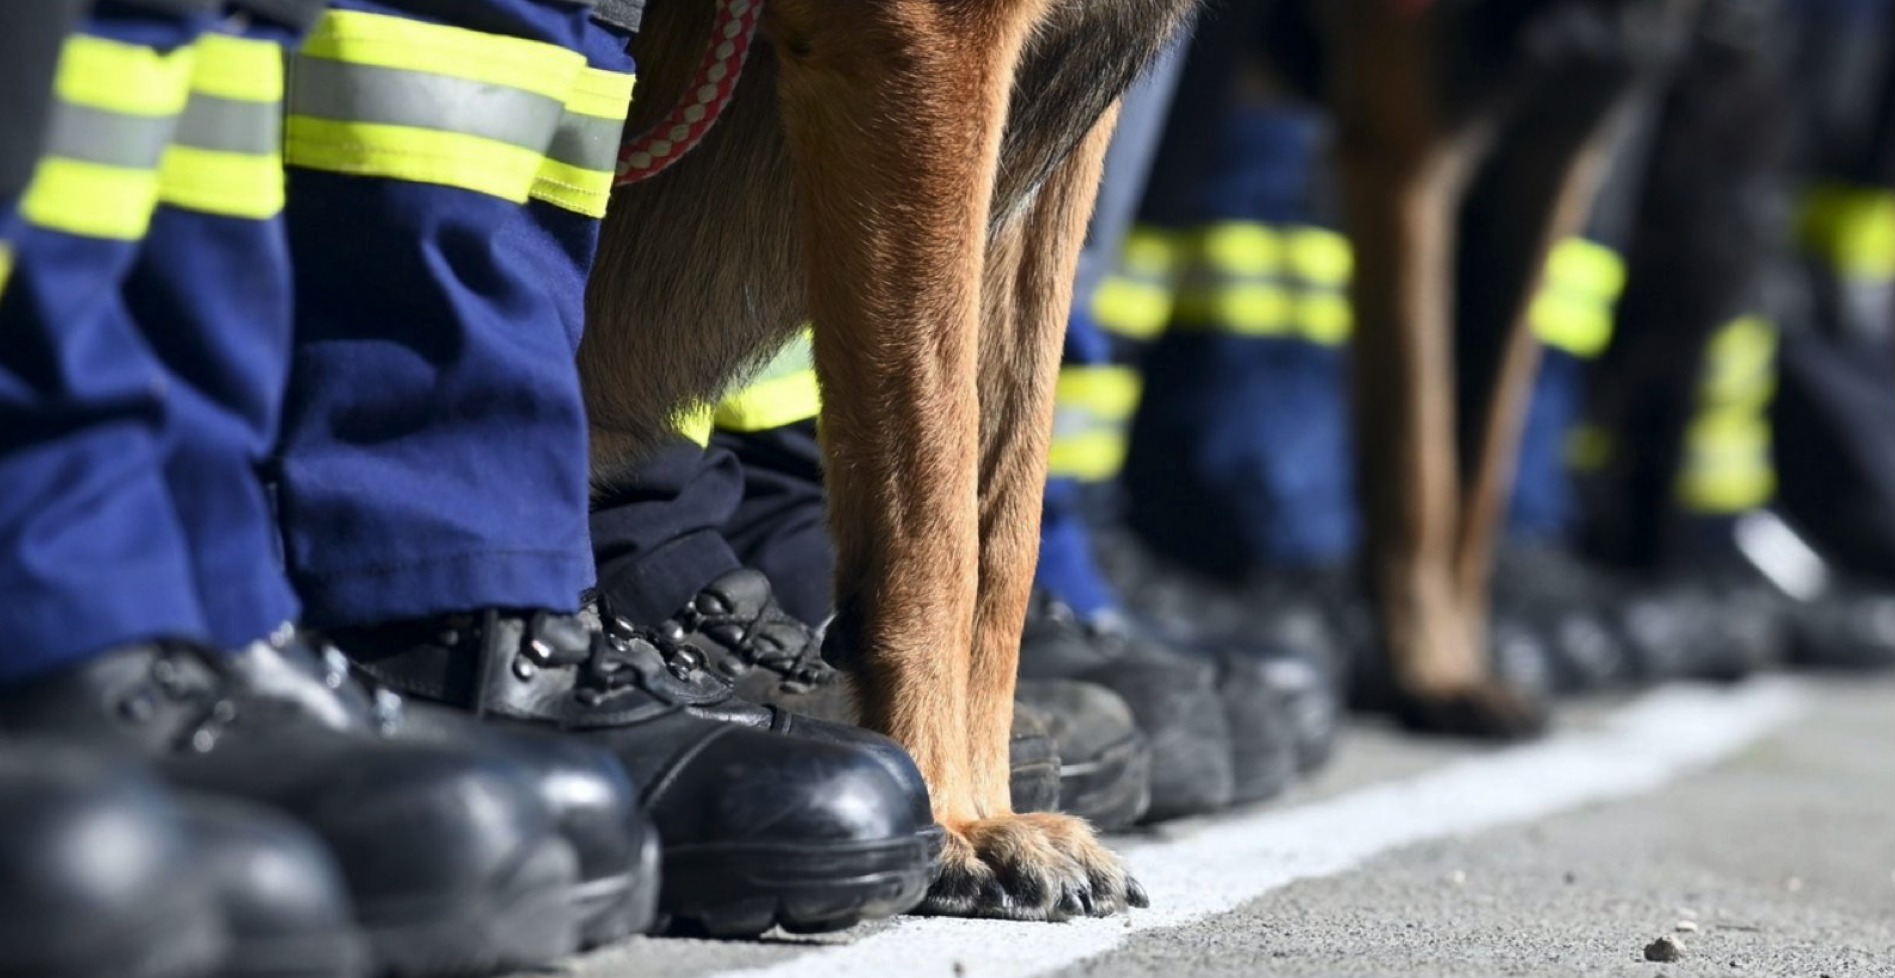 Šapjane postale Centar za obuku vatrogasnih K-9 timova